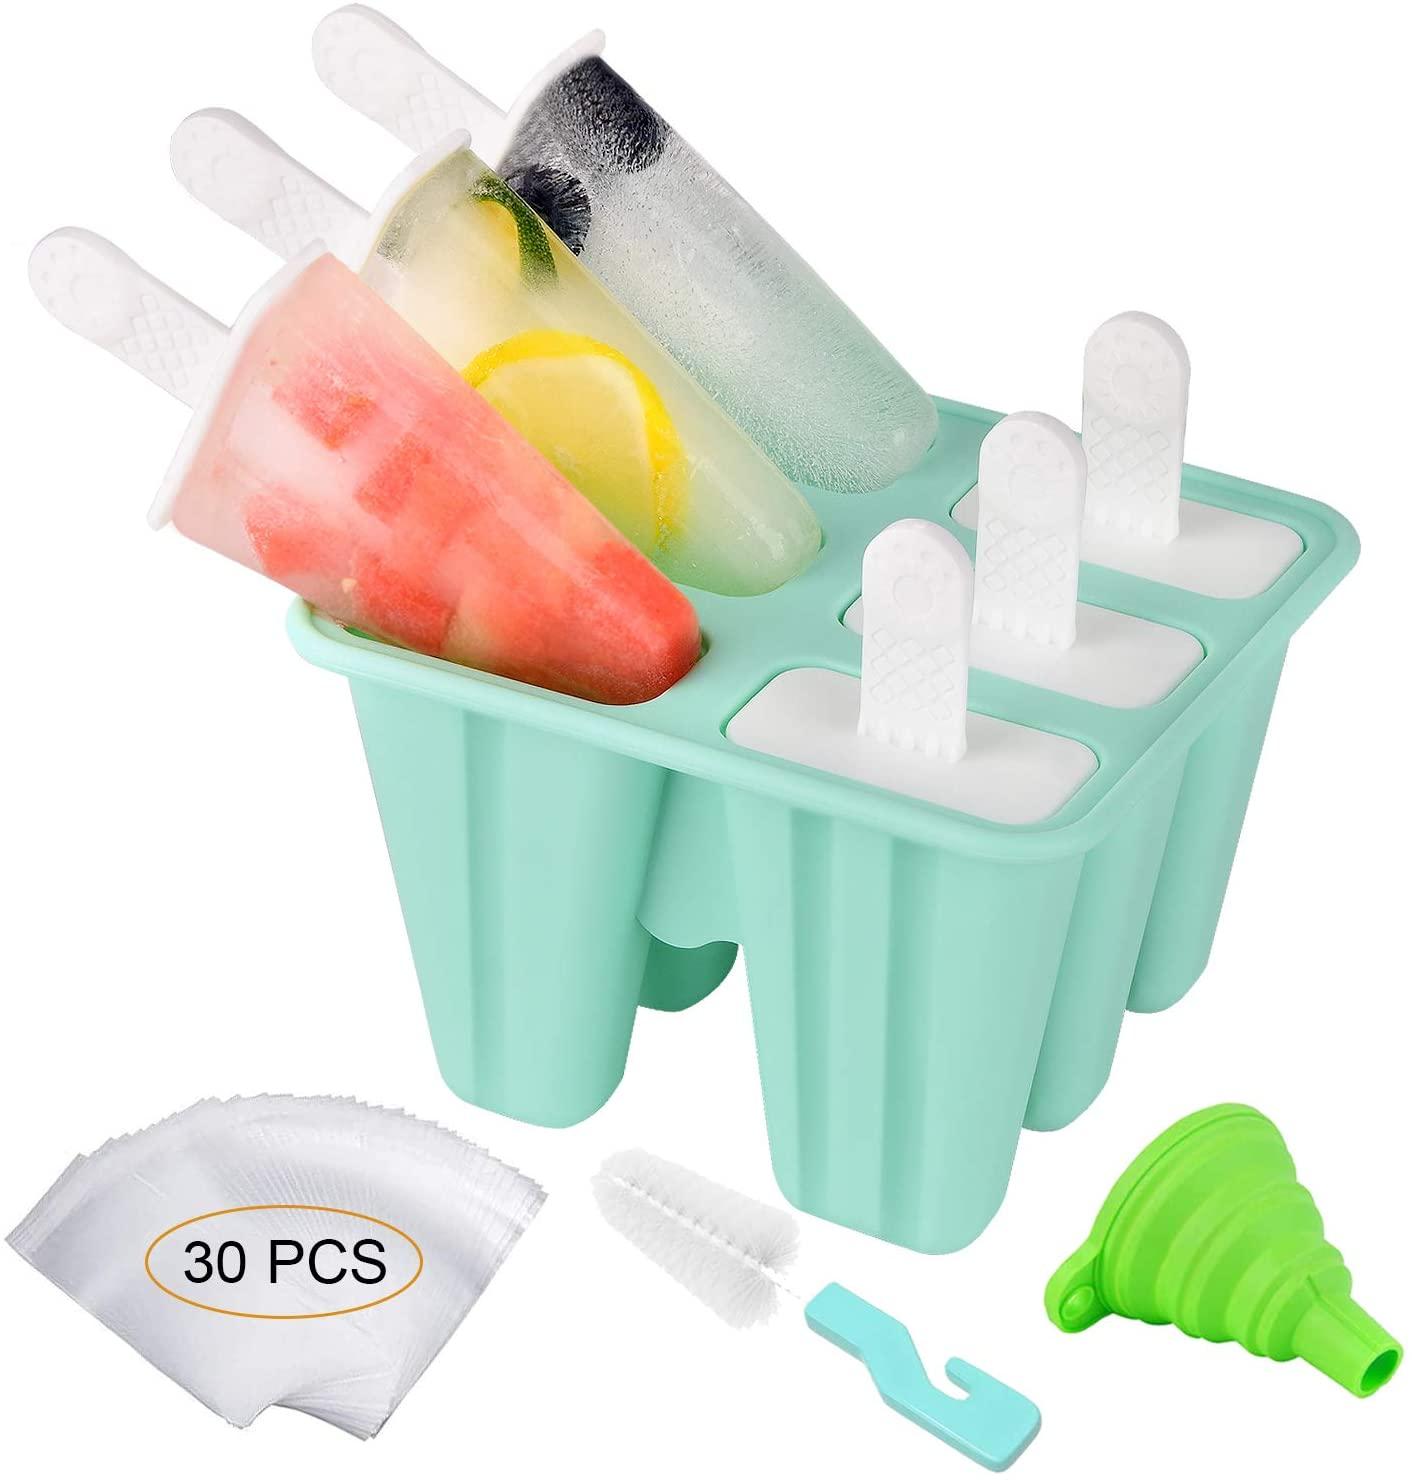 Kulfi/Popsicle Molds